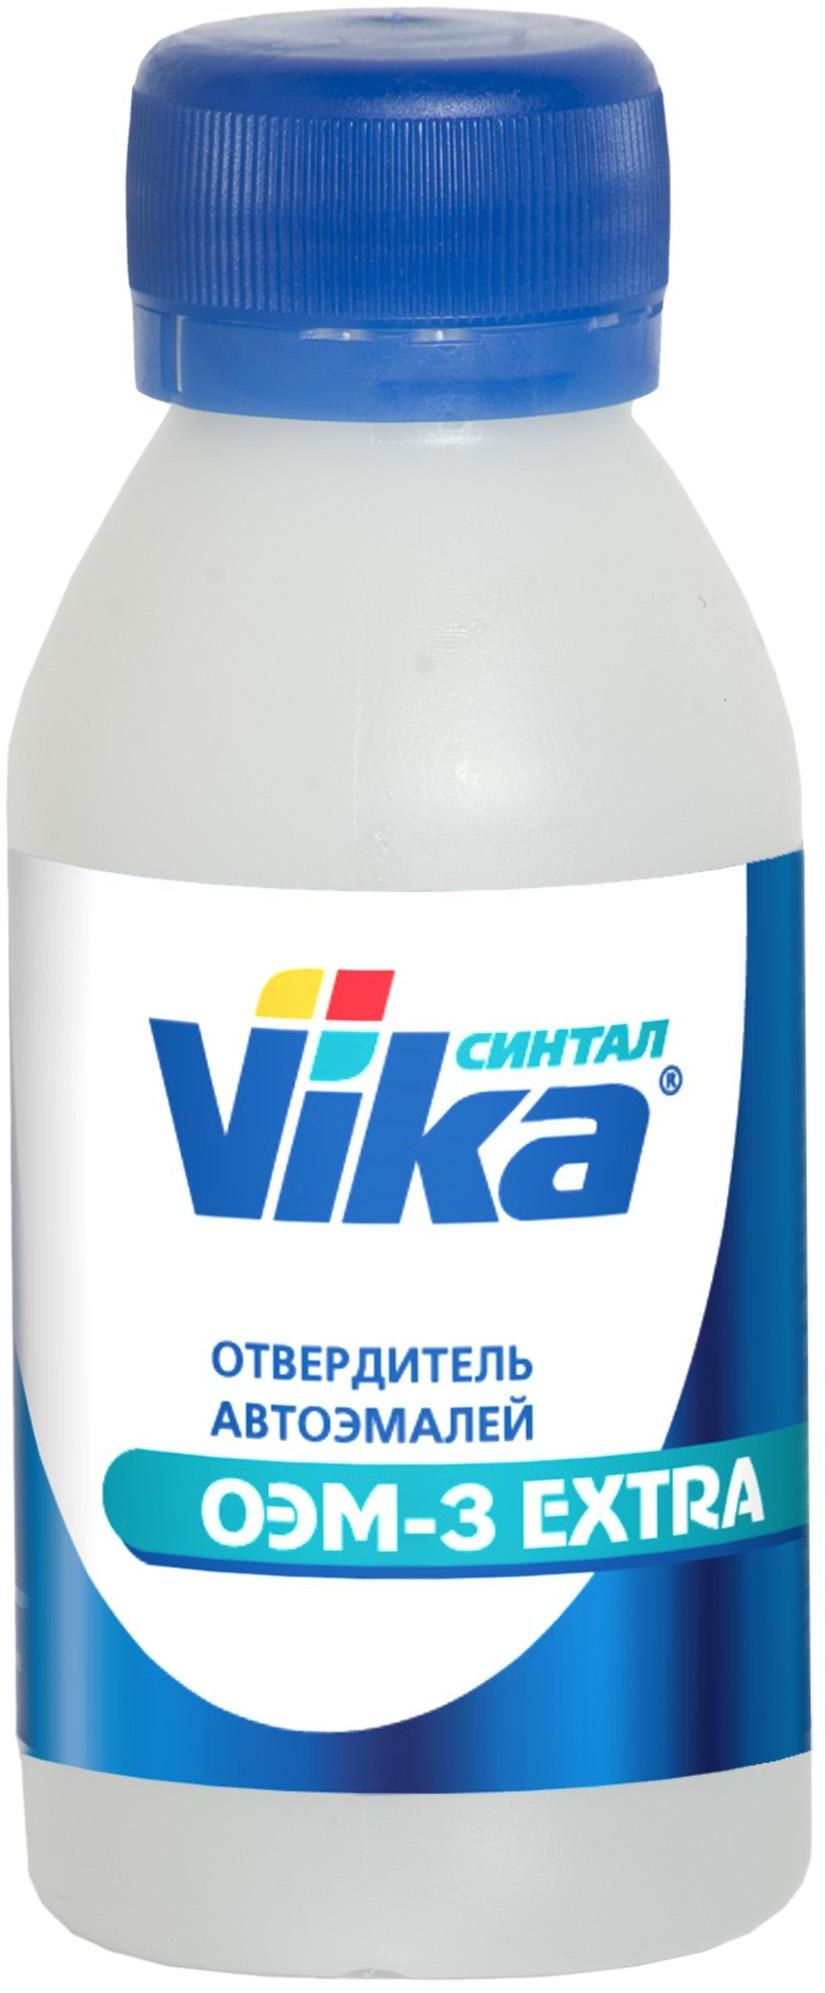 Отвердитель ОЭМ-3 Экстра